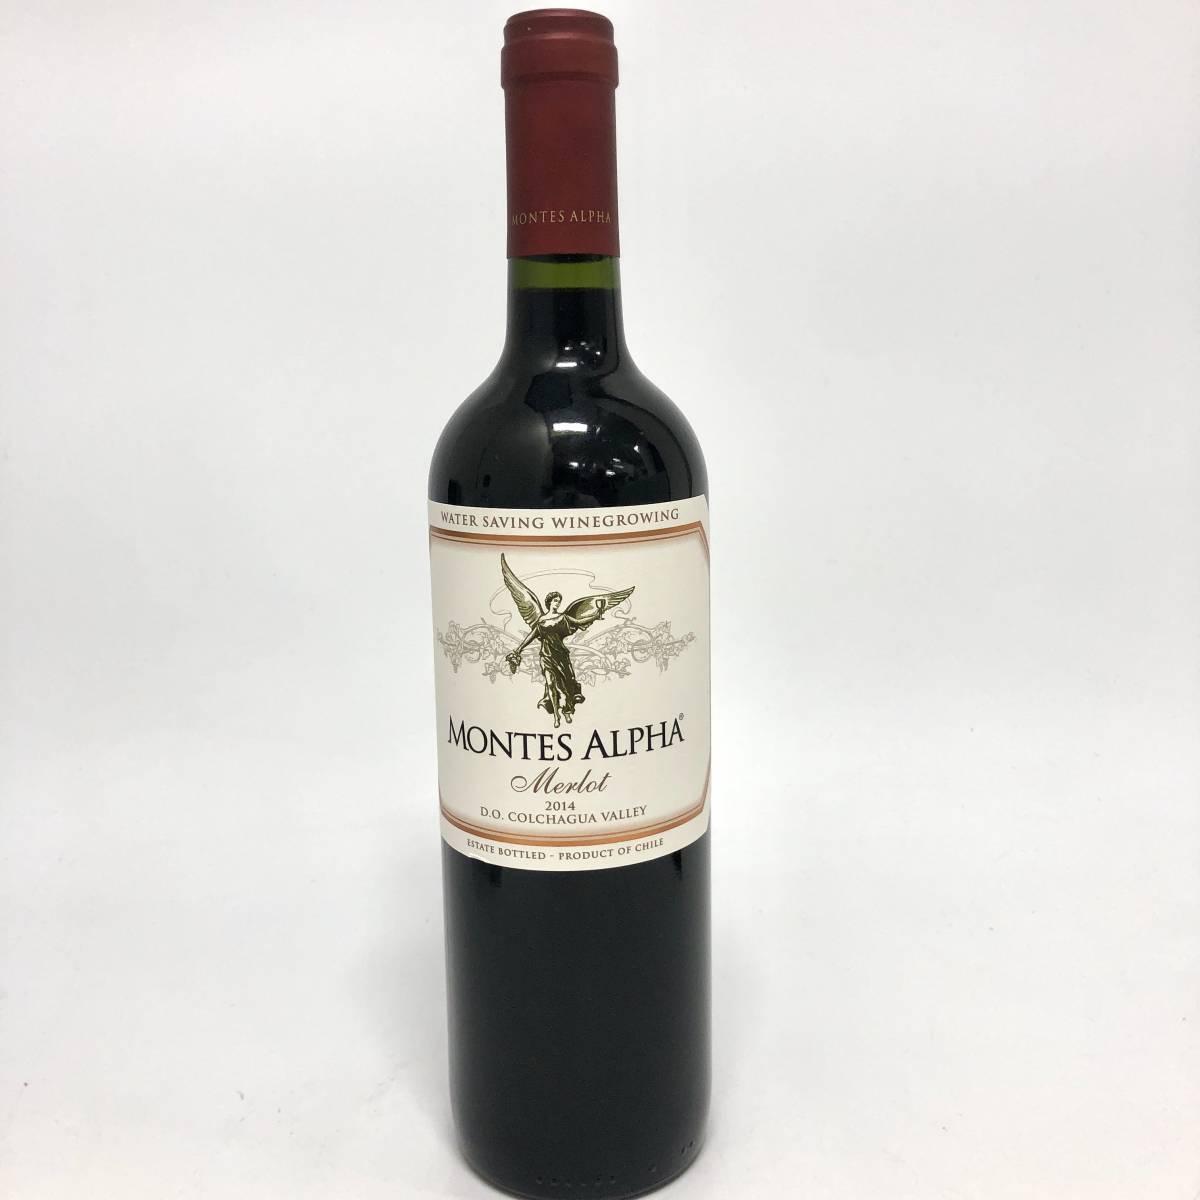 MONTES ALPHA Merlot モンテスアルファ メルロ 2014 14.5% 750ml チリワイン 赤ワイン カルメネール(Y0822_1)_画像1